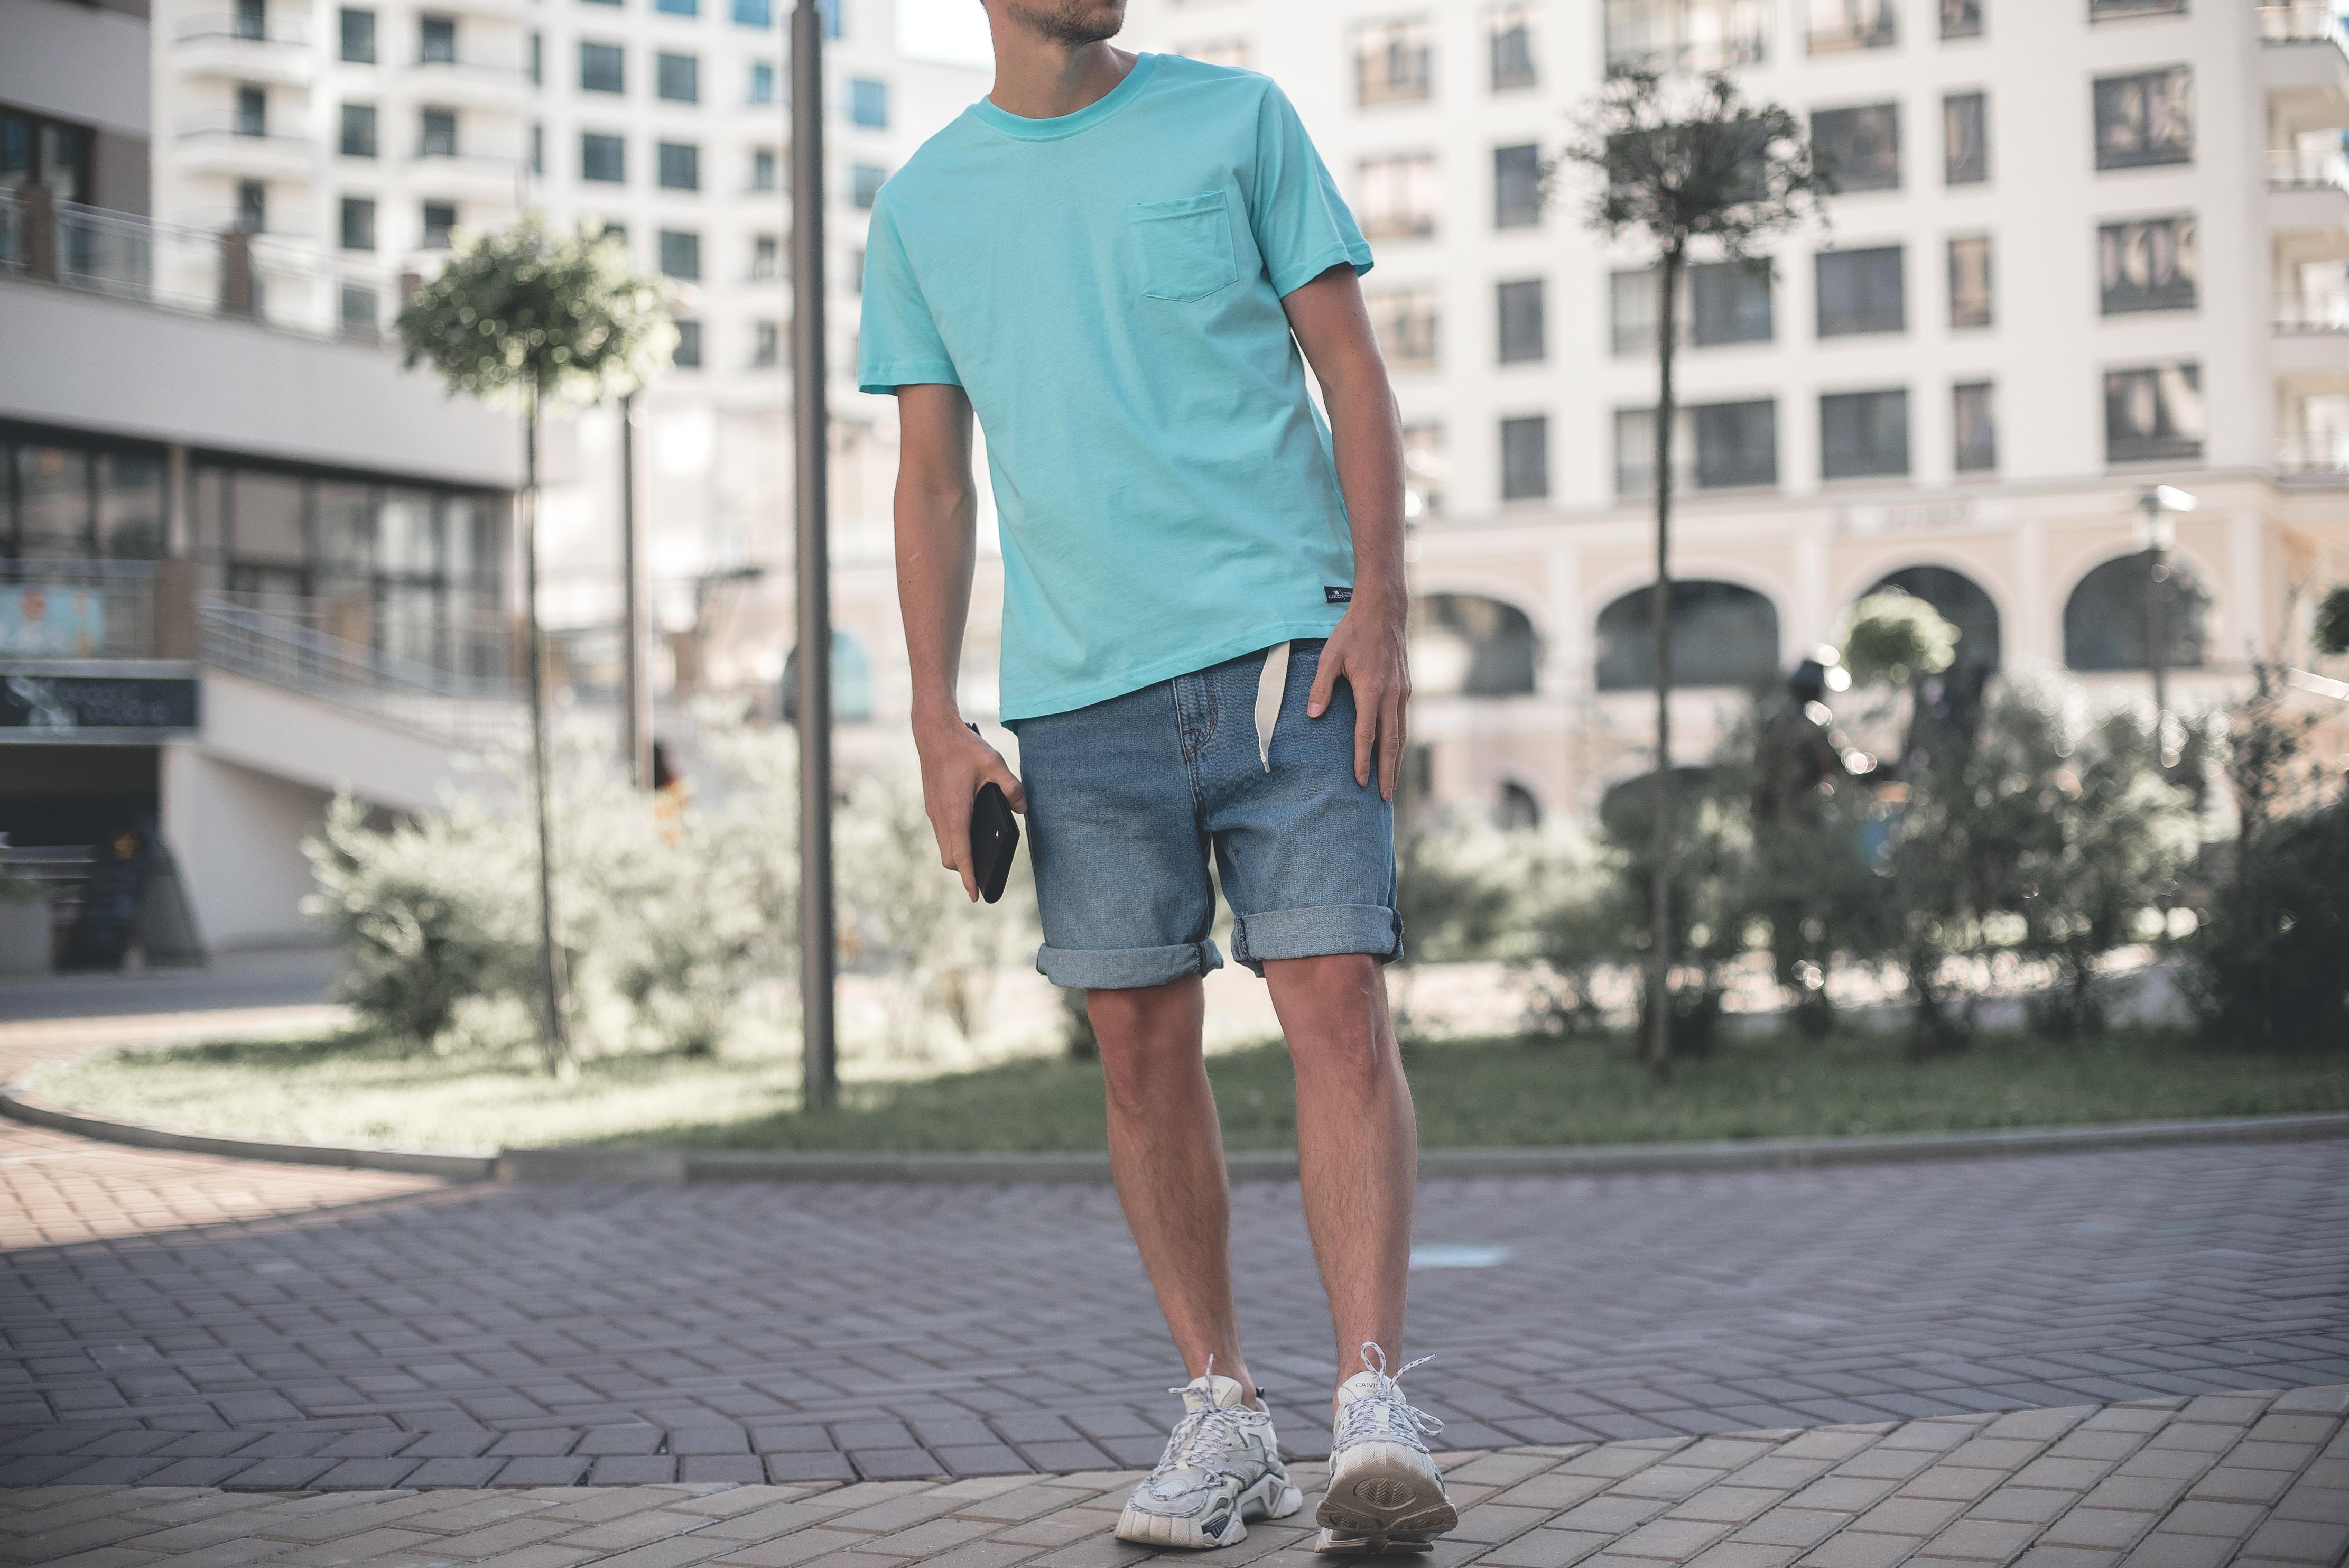 Джинсовые летние мужские шорты в сочетании со свтелой футболкой оверсайз - тренд лета 2020